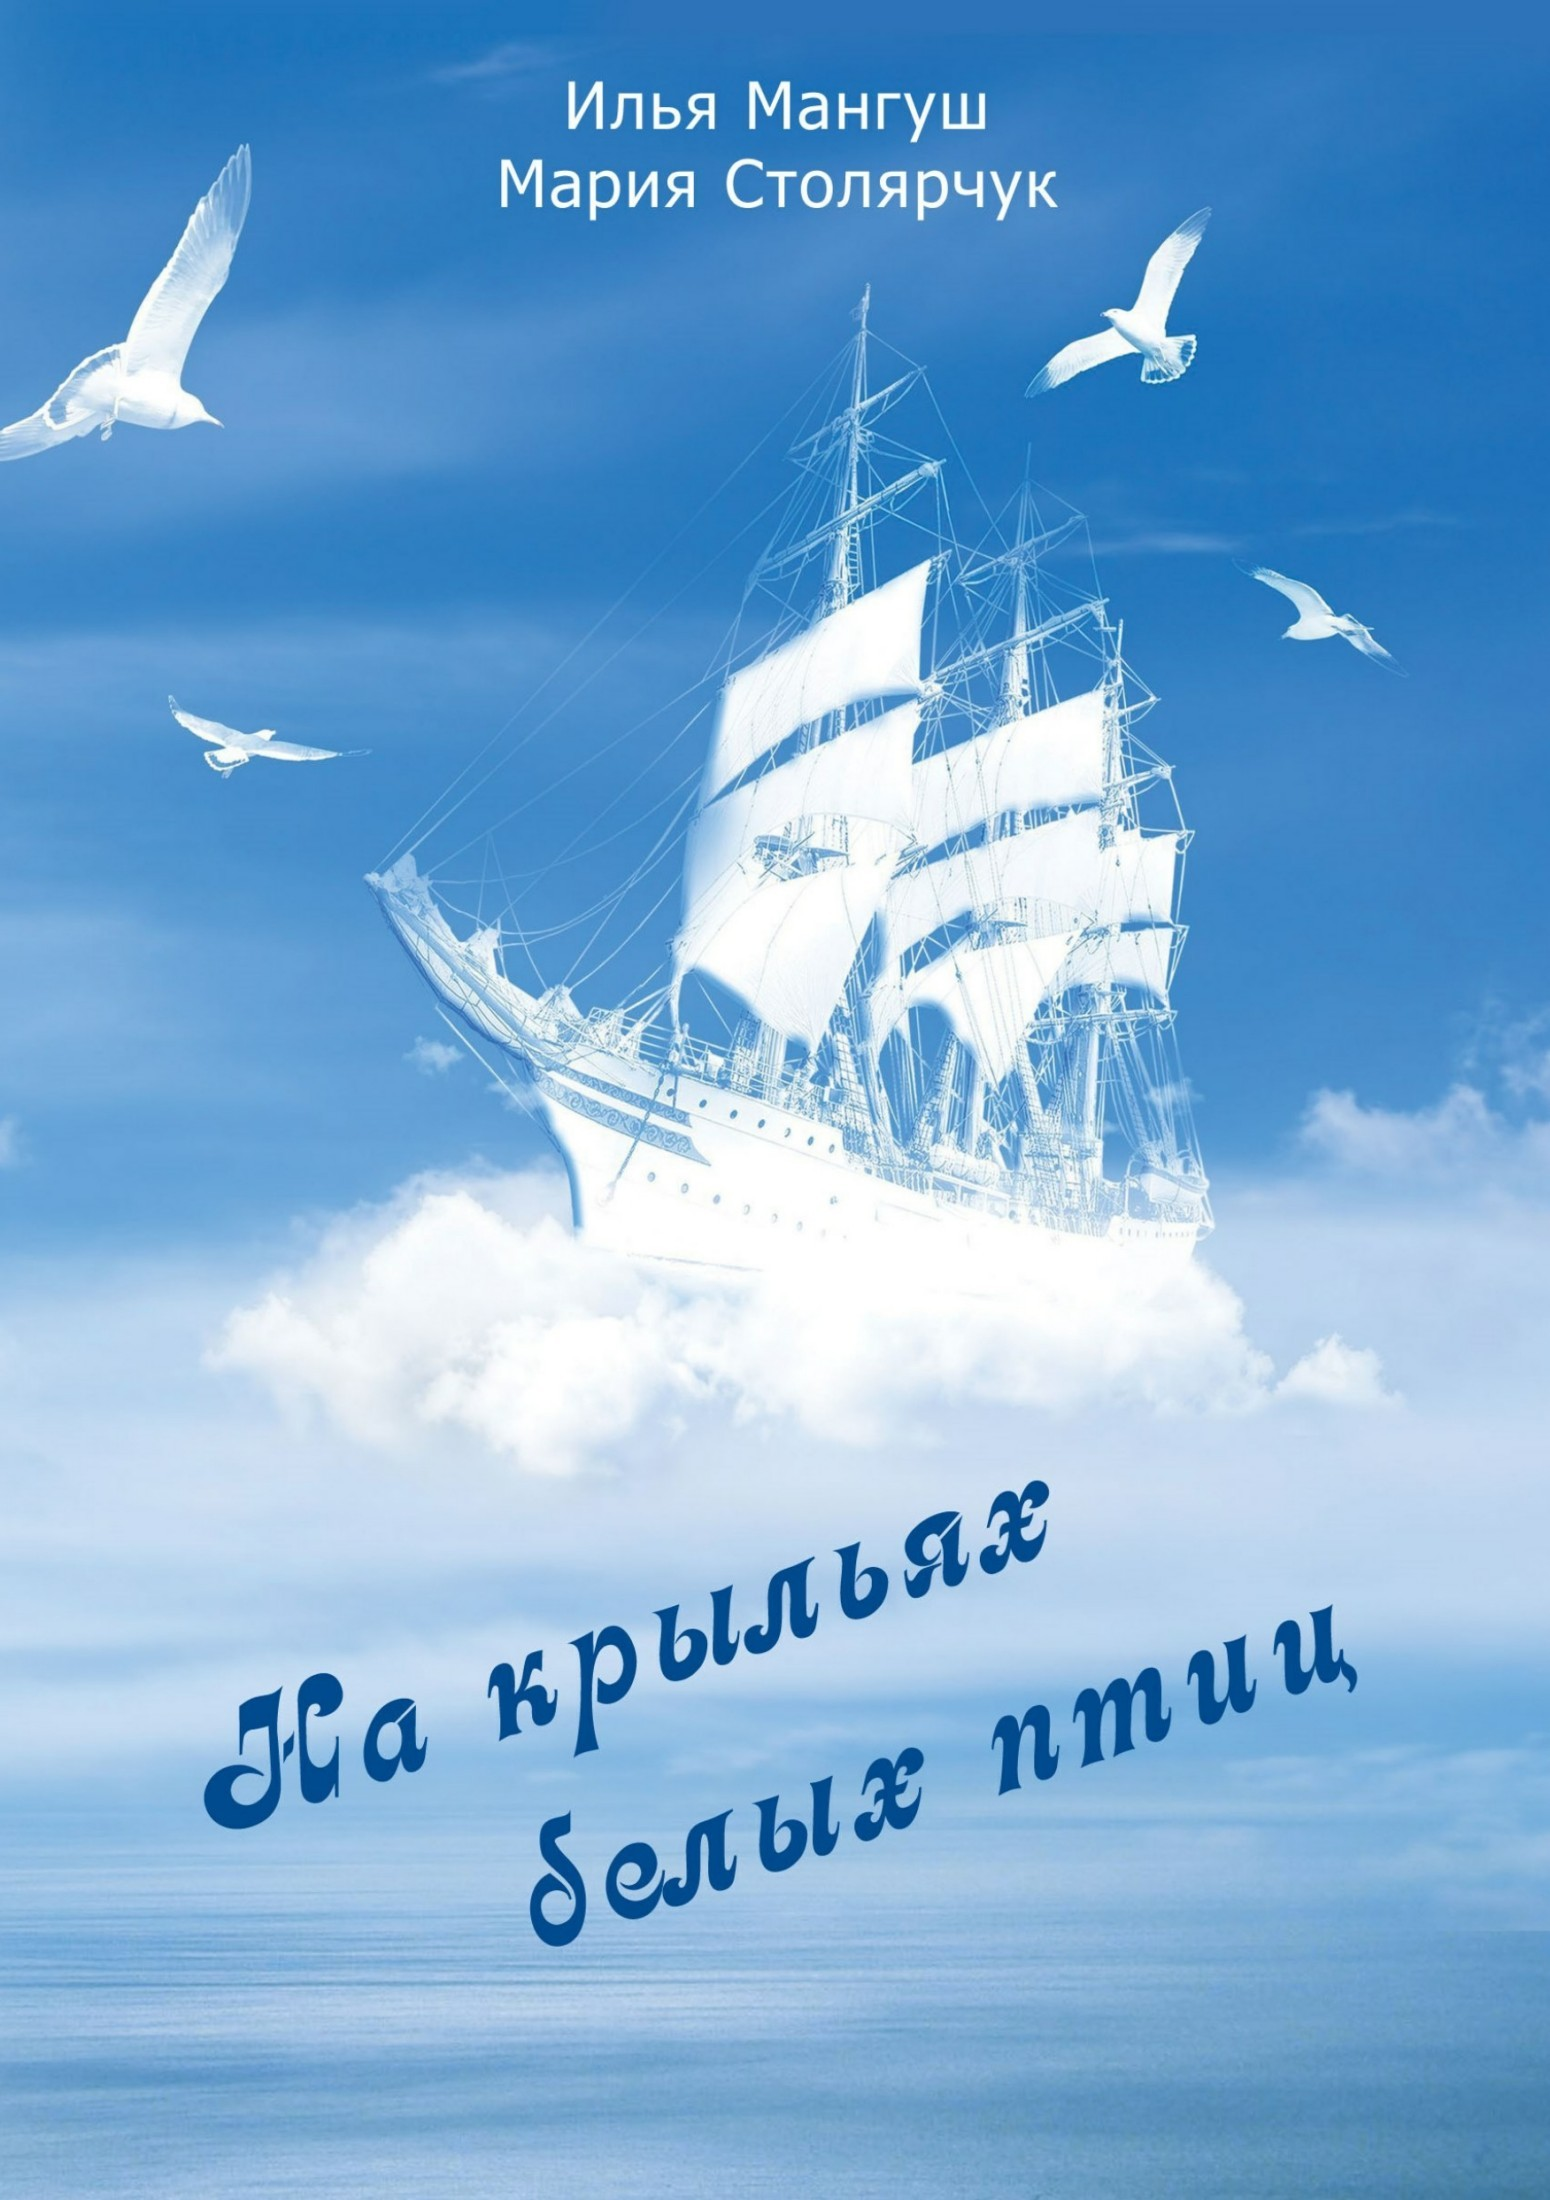 Достойное начало книги 34/07/54/34075441.bin.dir/34075441.cover.jpg обложка